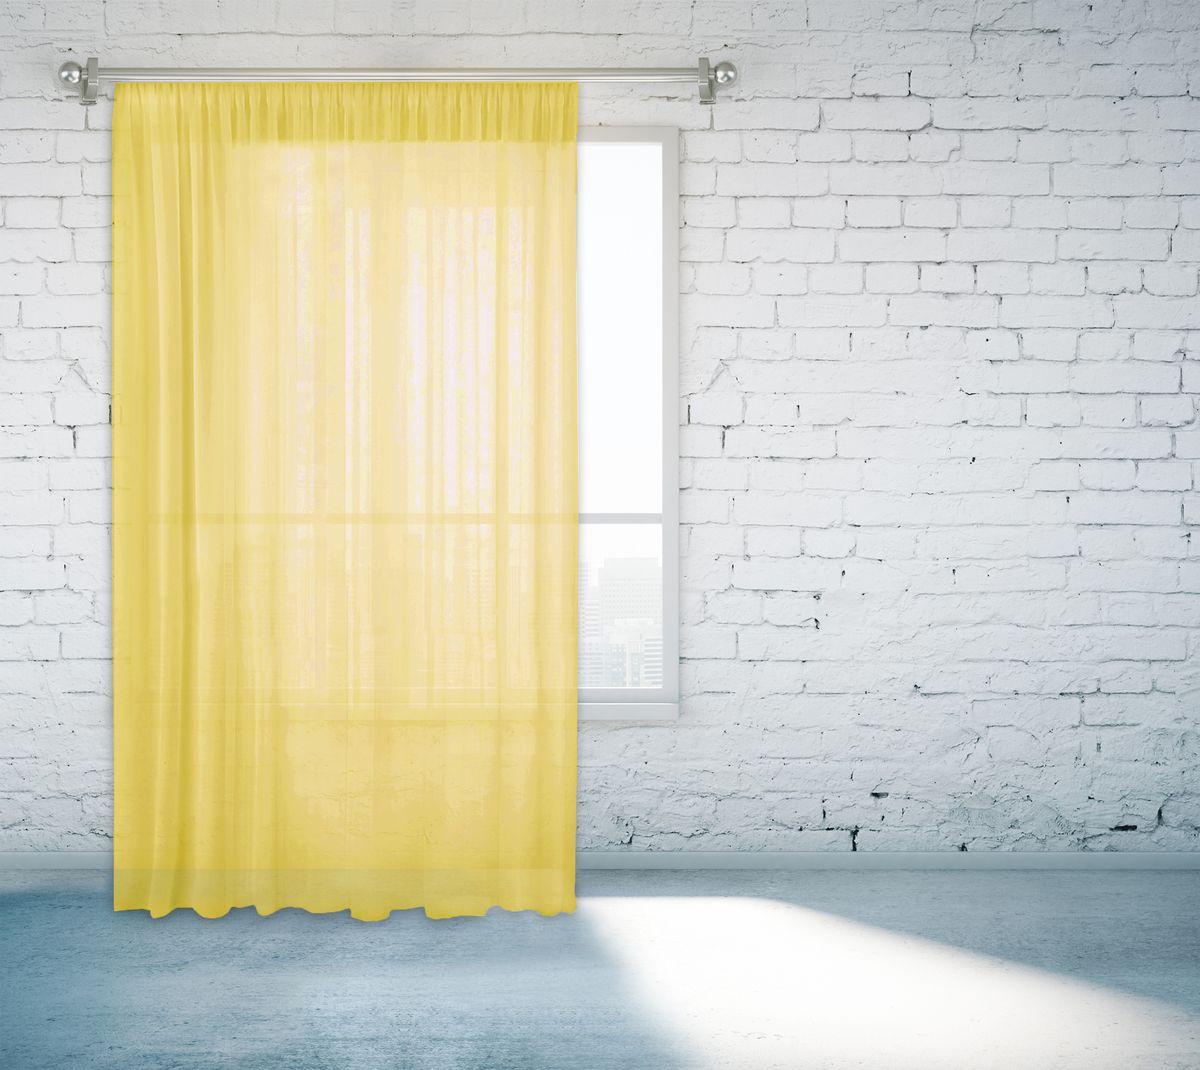 Тюль Zlata Korunka, на ленте, цвет: светло-желтый, высота 260 см. 55670-1555670-15Тюль Zlata Korunka, изготовленный из полиэстера, великолепно украсит любое окно. Воздушная ткань и приятная, приглушенная гамма привлекут к себе внимание и органично впишутся в интерьер помещения. Полиэстер - вид ткани, состоящий из полиэфирных волокон. Ткани из полиэстера - легкие, прочные и износостойкие. Такие изделия не требуют специального ухода, не пылятся и почти не мнутся.Тюль крепится на карниз при помощи ленты, которая поможет красиво и равномерно задрапировать верх. Такой тюль идеально оформит интерьер любого помещения.